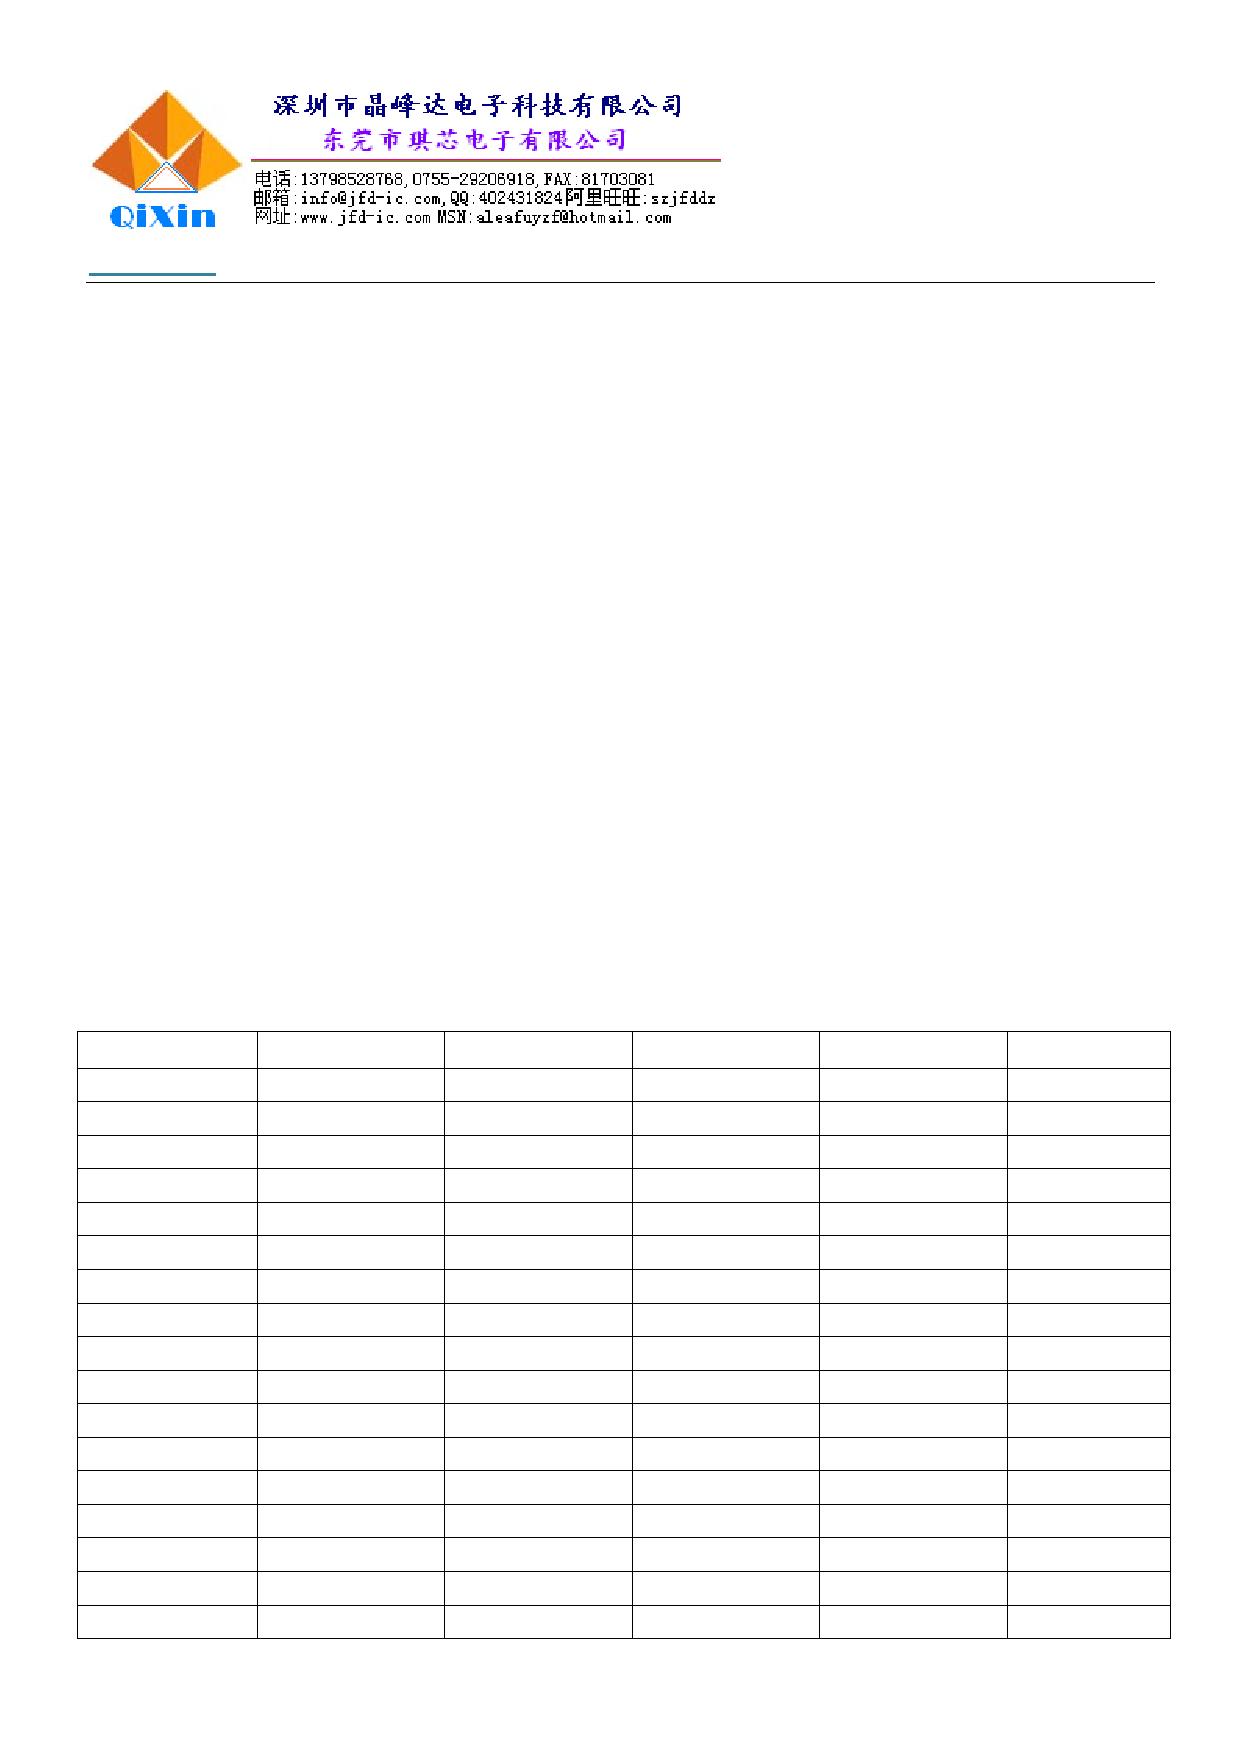 DL7942 pdf